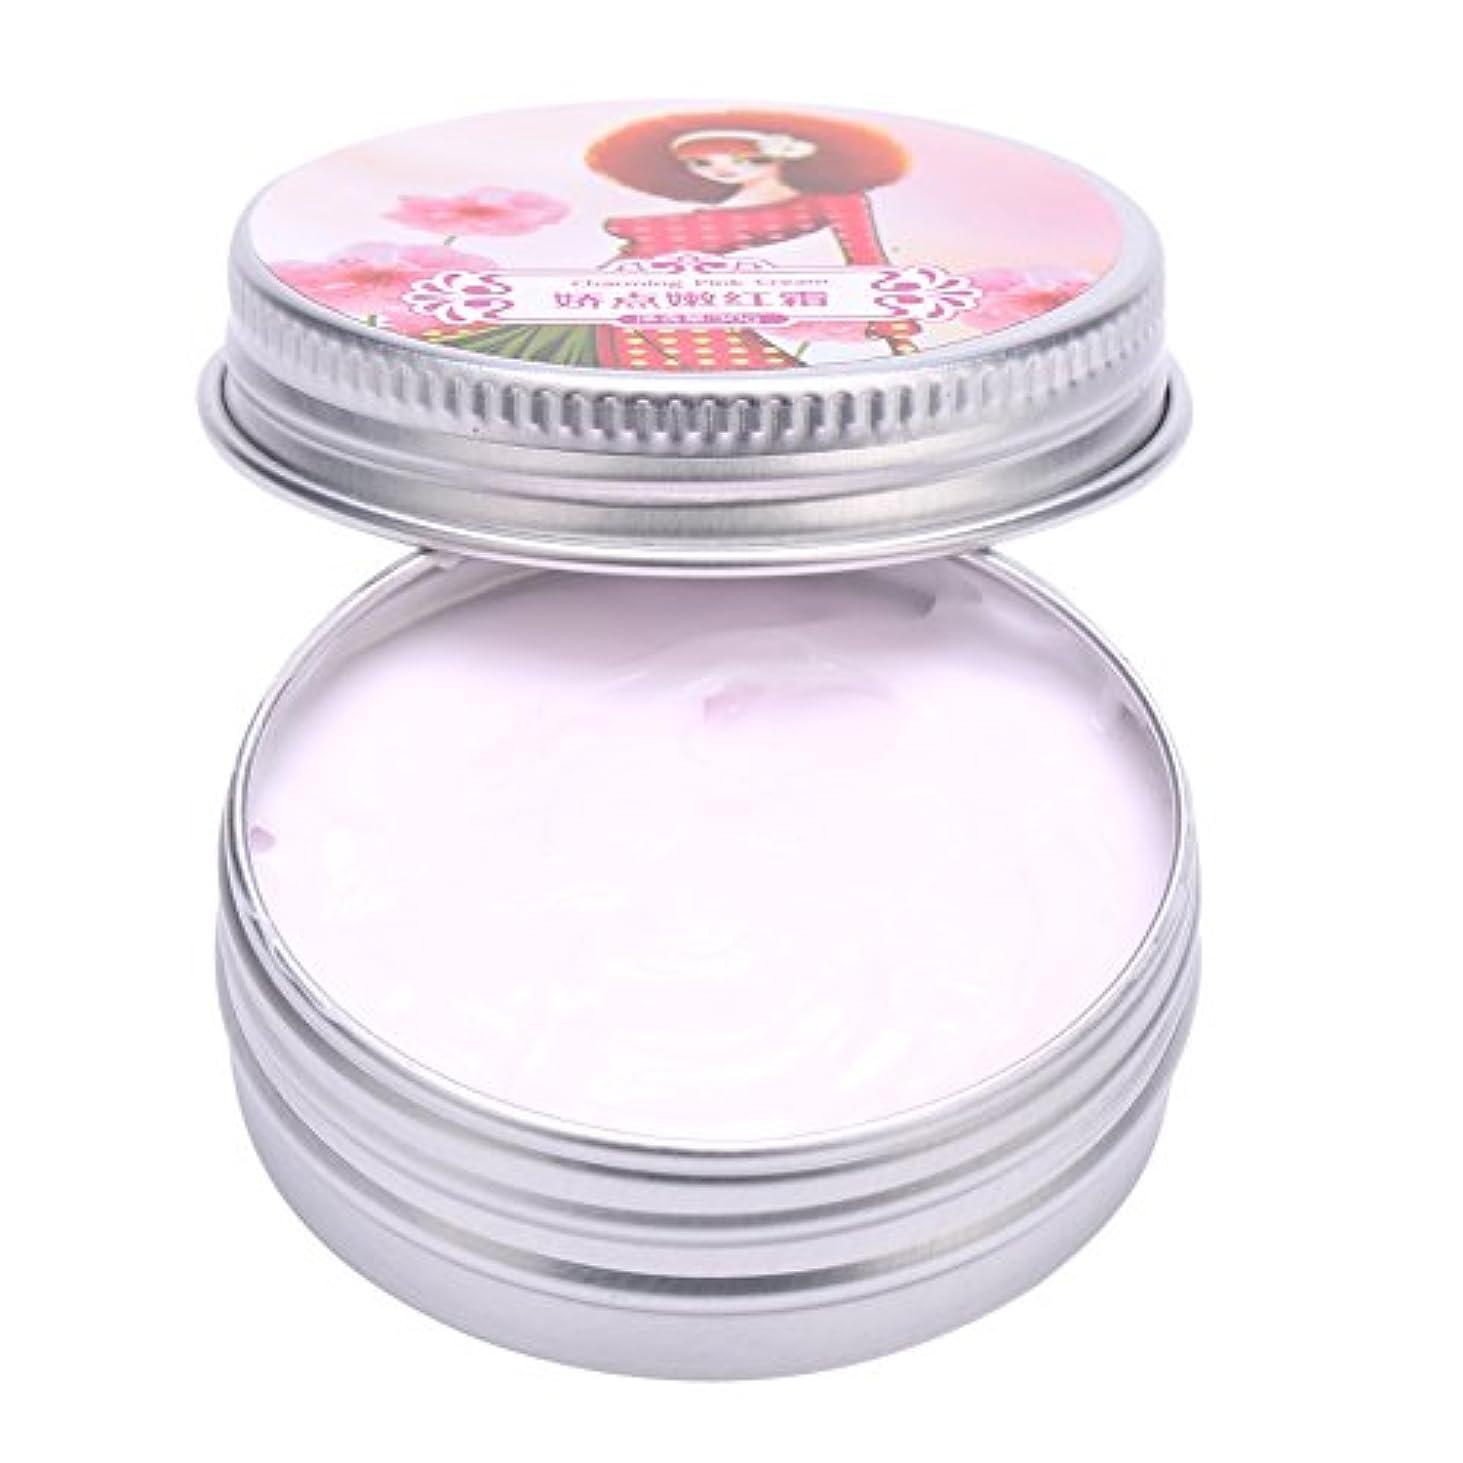 辞書メンタリティ薬局ライトニングホワイトニング漂白ブロッサム親密なピンクニップルリップアンダーアームプライベートボディクリーム